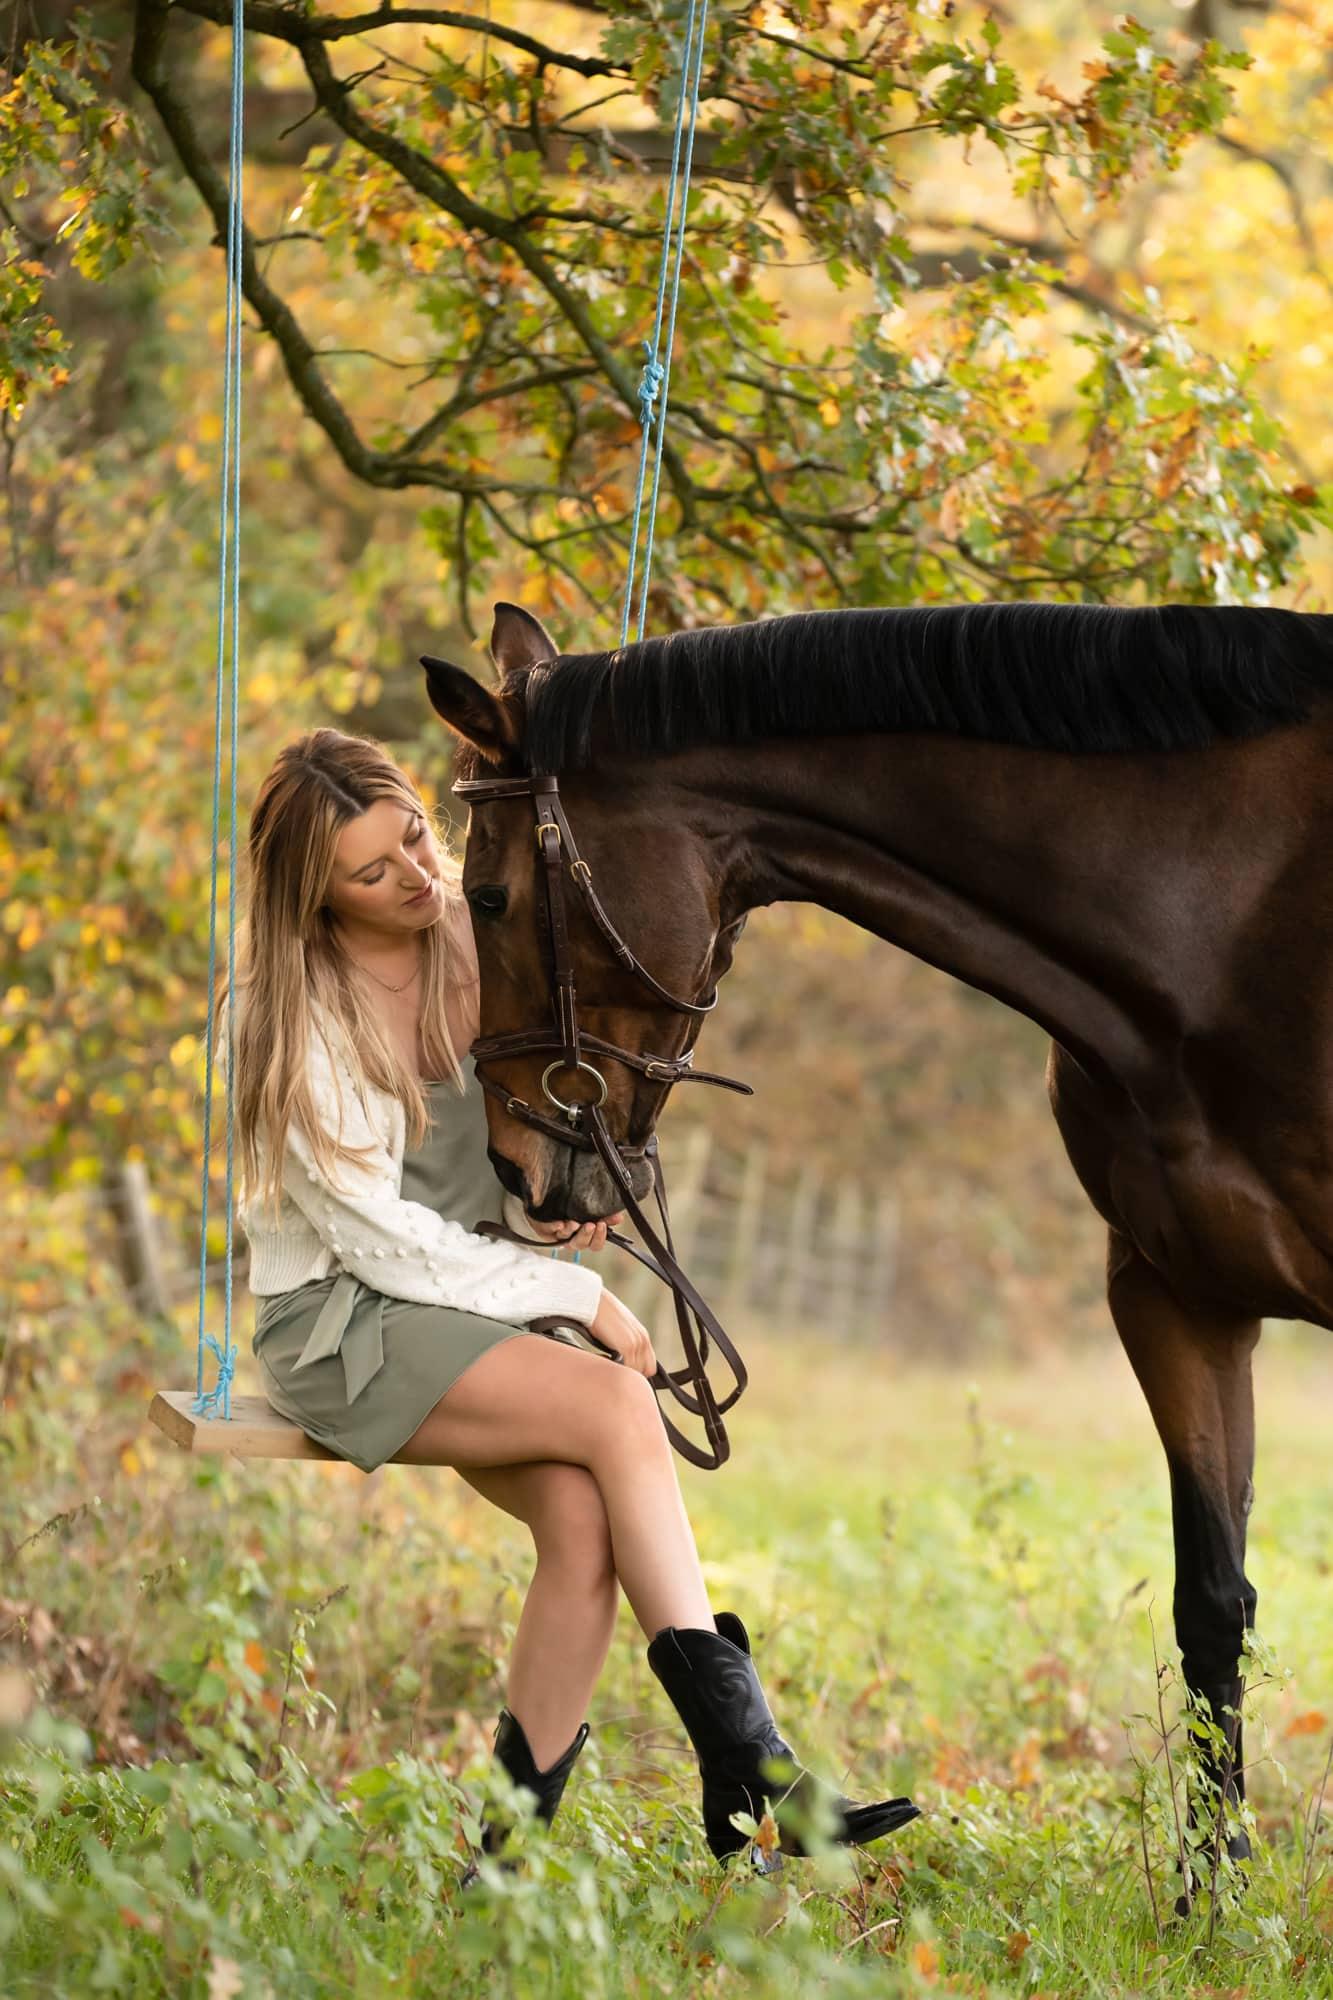 Autumn Equine photoshoots